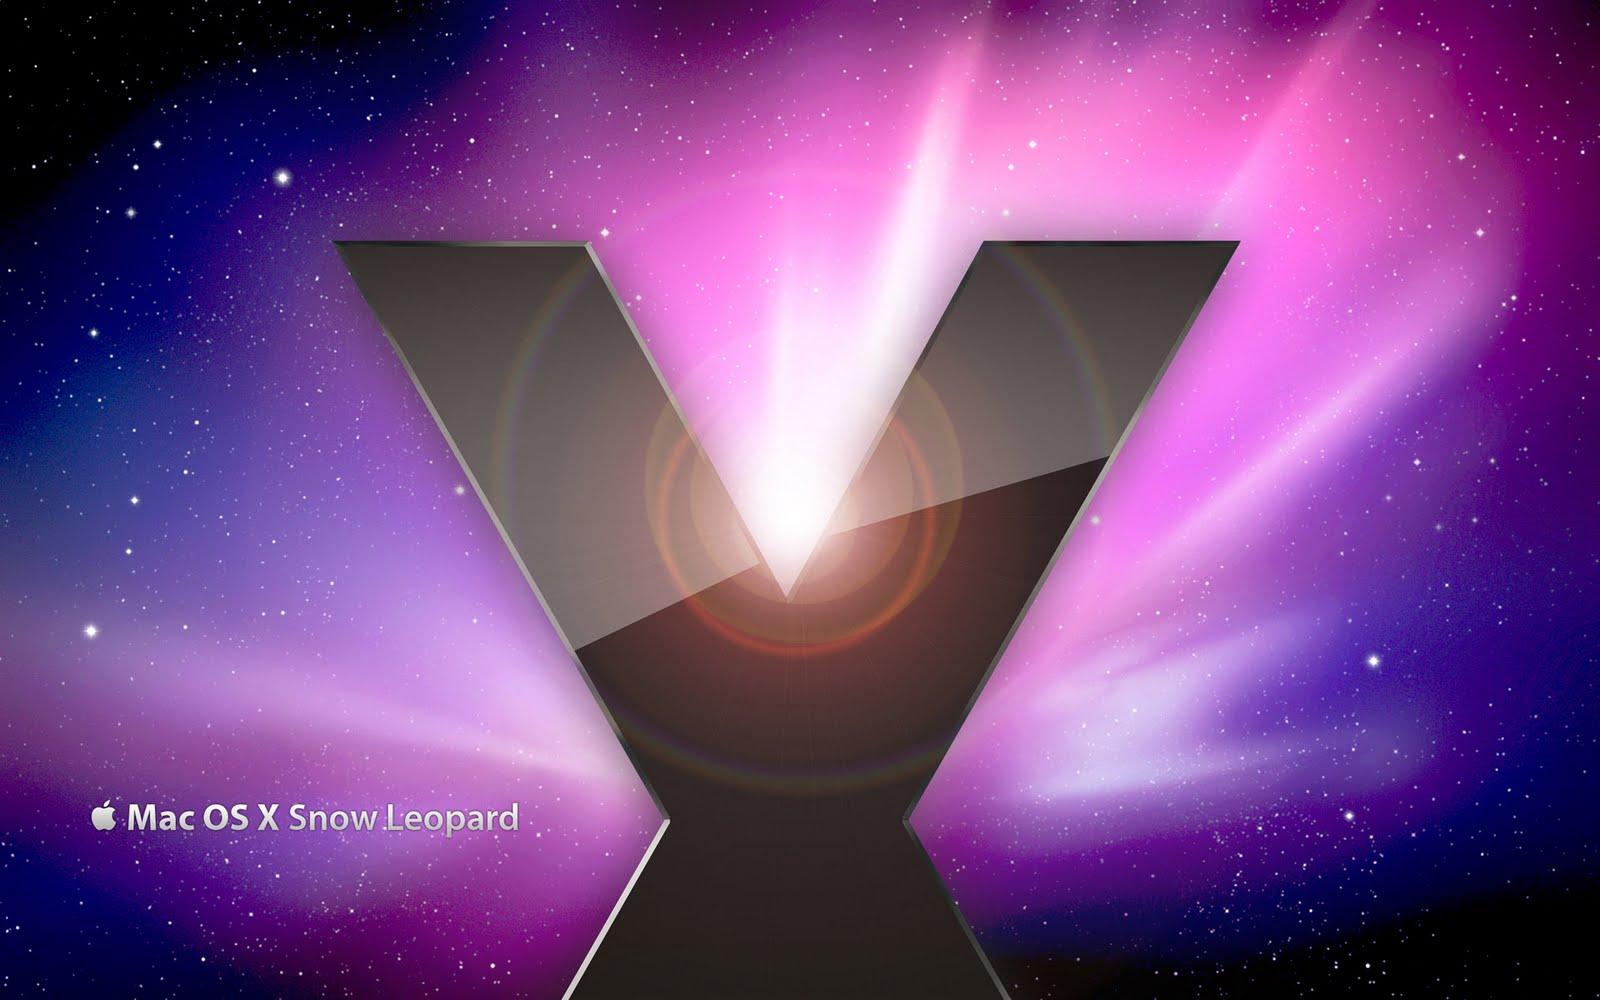 http://1.bp.blogspot.com/-95QURZM0v6c/Tf8eCxqGYRI/AAAAAAAAIvc/NJHope16pgE/s1600/Best+Mac+OS+X+Wallpaper+HQ.jpg